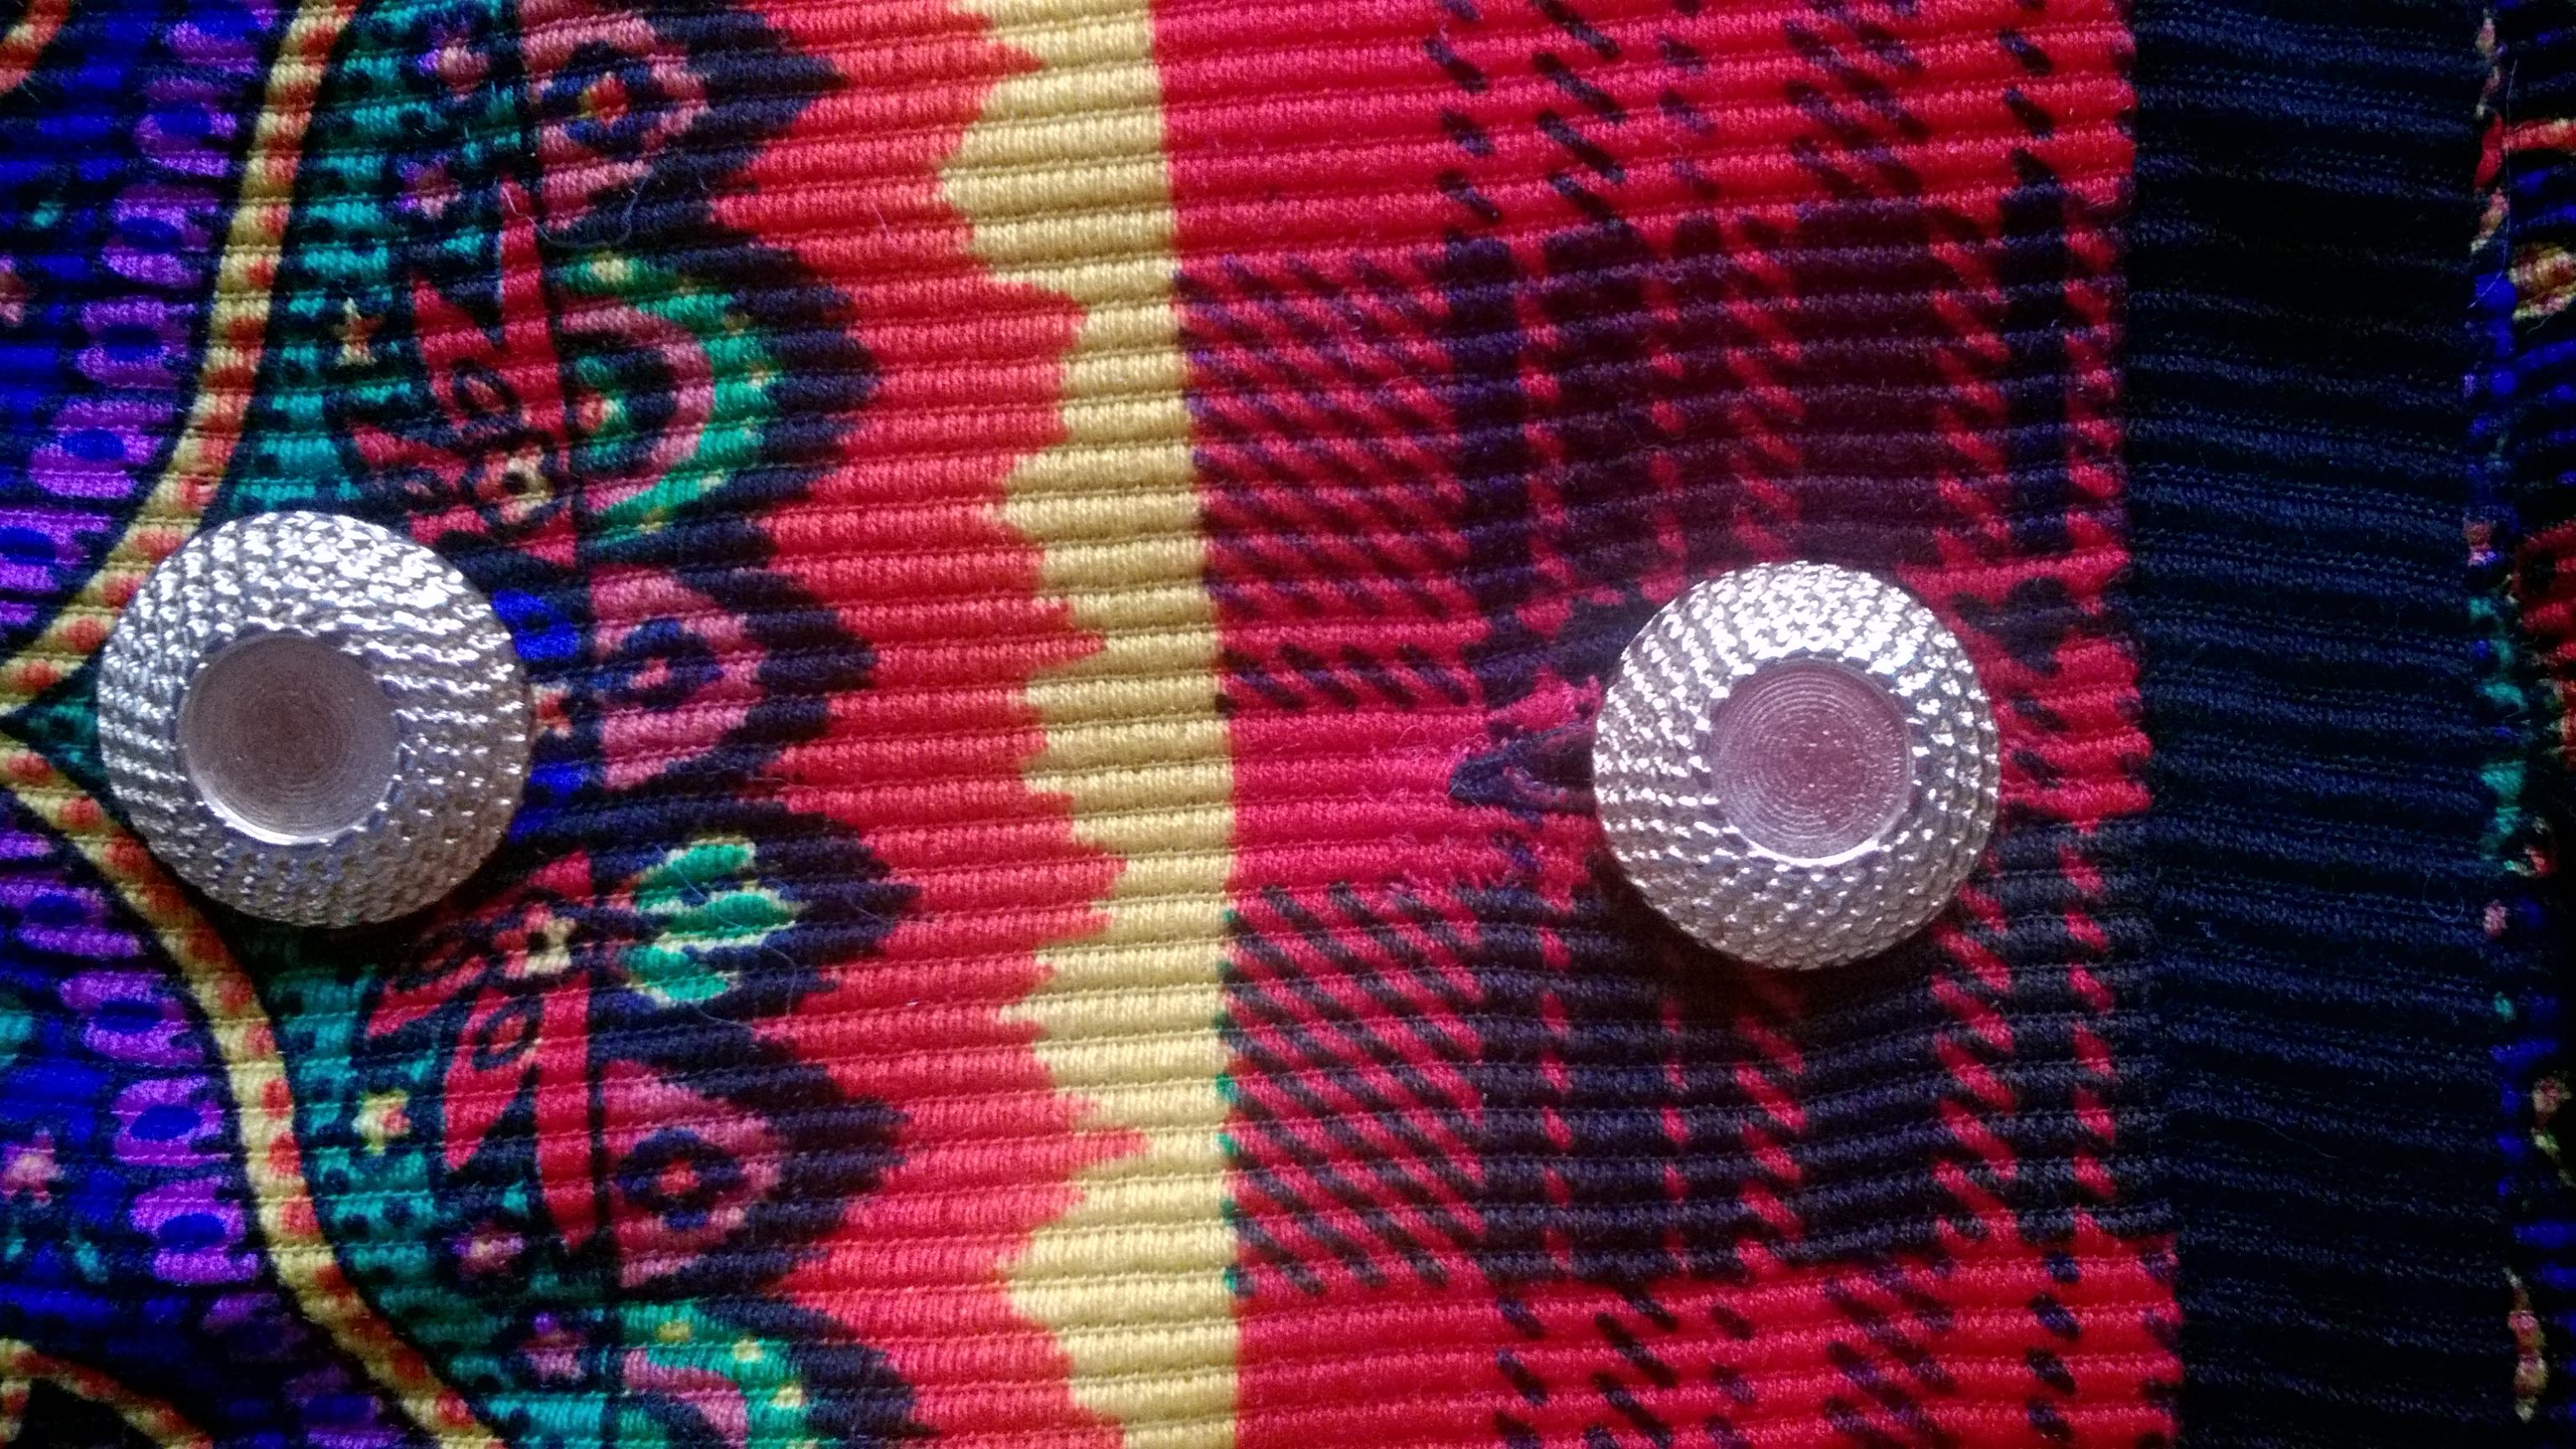 Versus Versace Coat 5 buttons detail.jpg